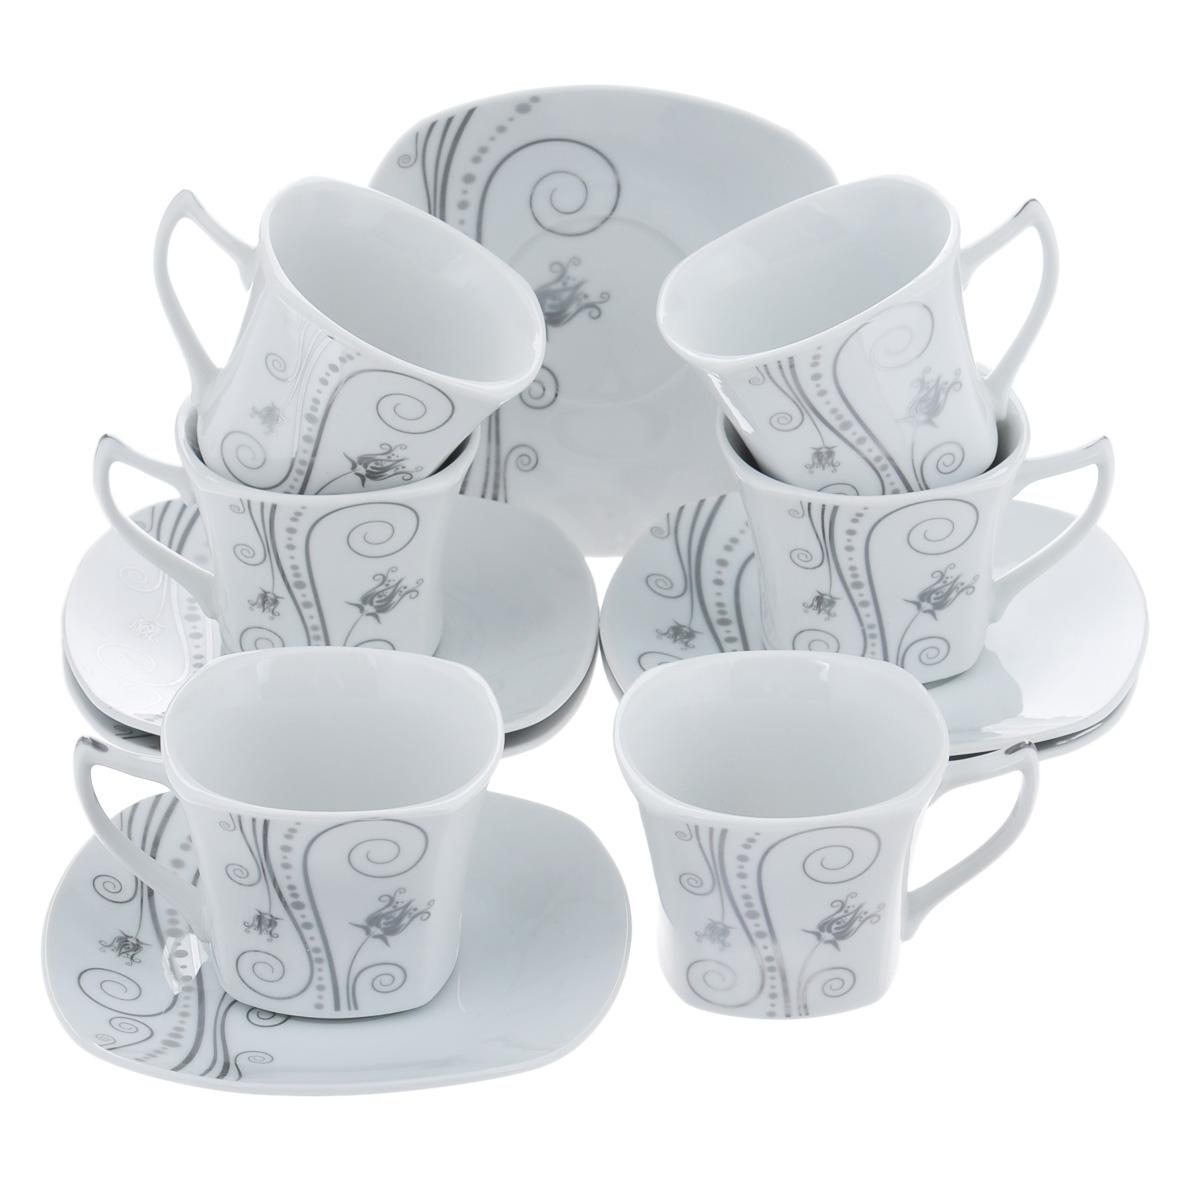 Набор чайный Bekker, 12 предметов. BK-5983BK-5983Чайный набор Bekker состоит из шести чашек и шести блюдец. Предметы набора изготовлены из высококачественного фарфора белого цвета и украшены серебристой эмалью. Изящный орнамент придает набору стильный внешний вид. Чайный набор роскошного дизайна украсит интерьер кухни. Прекрасно подойдет как для торжественных случаев, так и для ежедневного использования. Набор упакован в подарочную картонную коробку золотистого цвета. Подходит для мытья в посудомоечной машине. Объем чашки: 150 мл. Размер чашки (по верхнему краю): 8 см х 8 см. Высота чашки: 6,5 см. Размер блюдца: 14 см х 14 см.